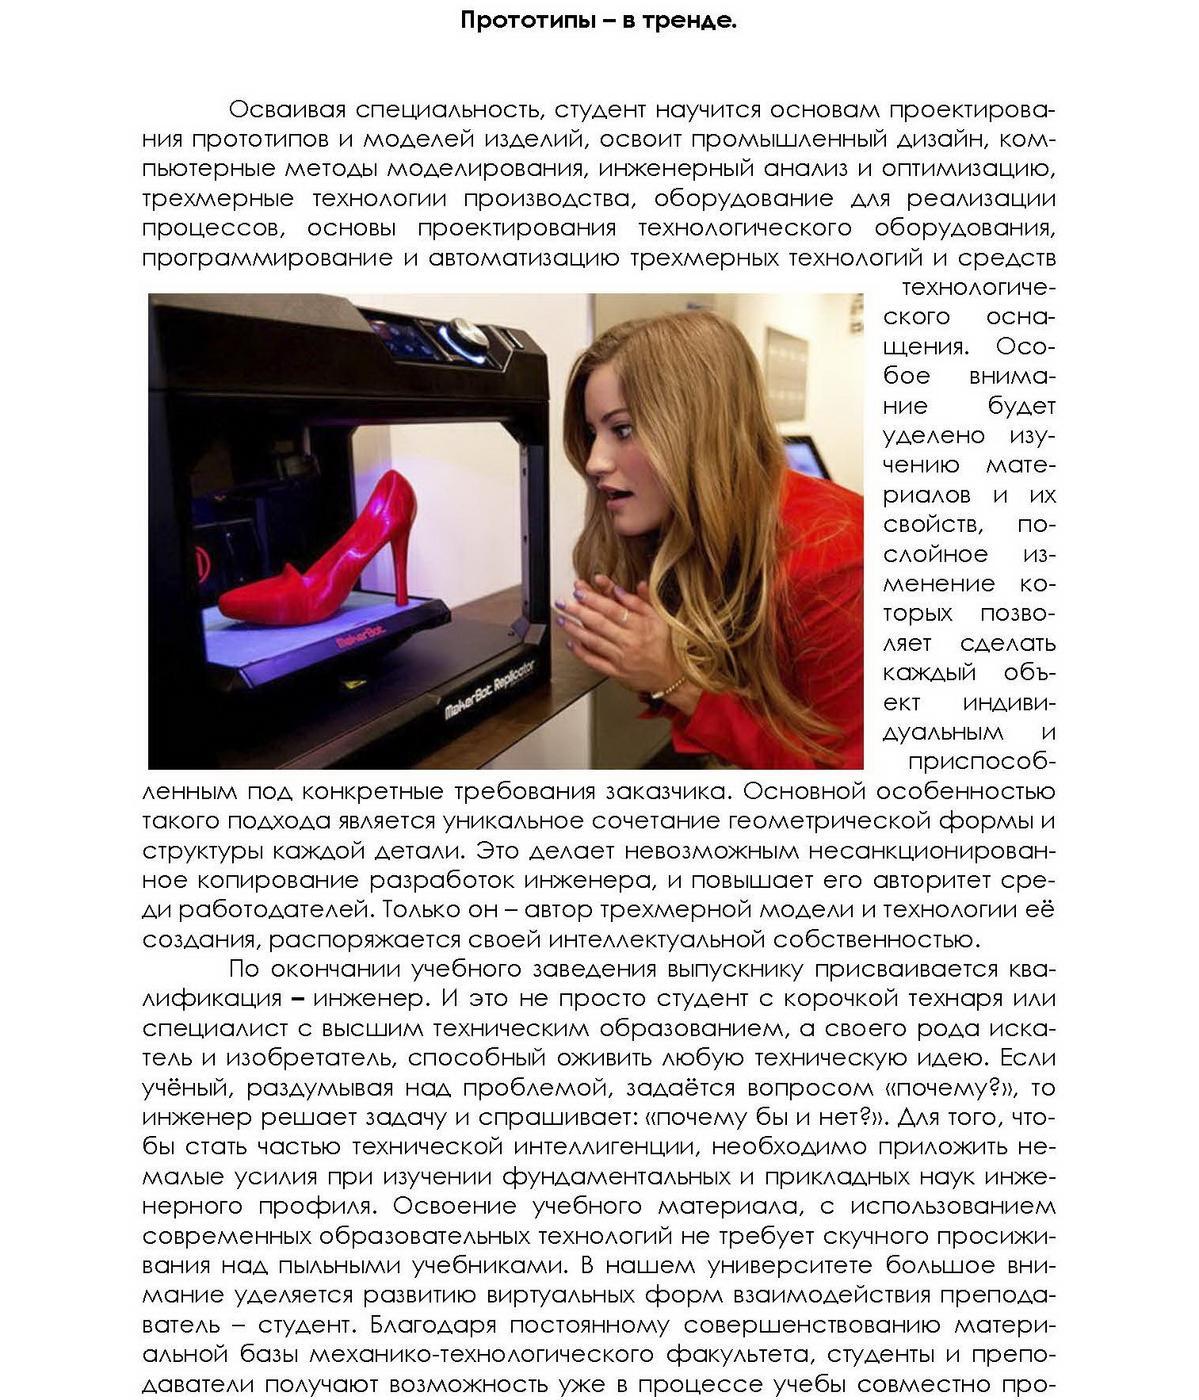 Ассистент кафедры «Материаловедение в машиностроении»  Грудина Н.В. 2